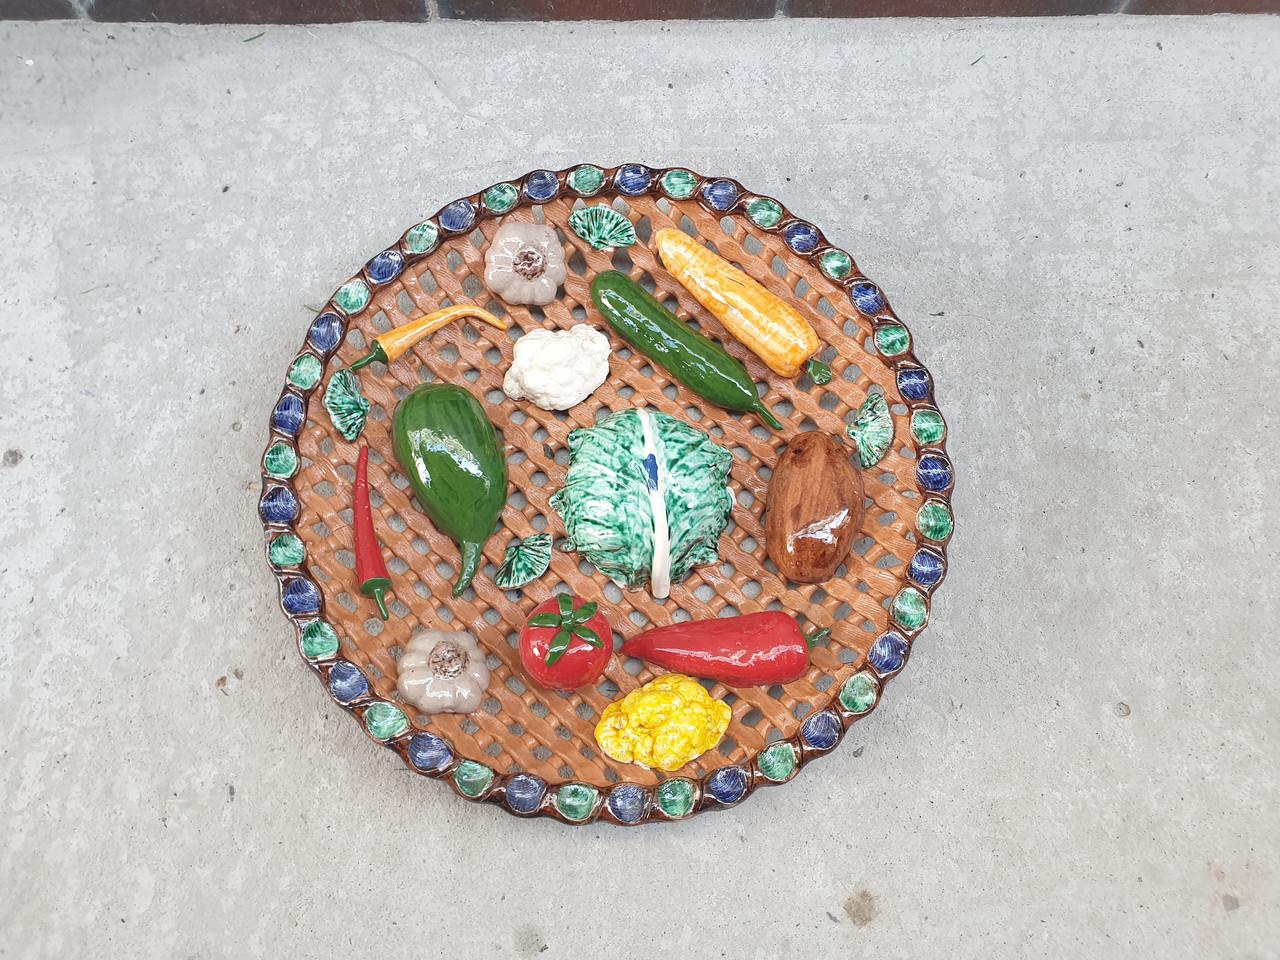 Сувенир из Узбекистана. Ручная работа. 40см